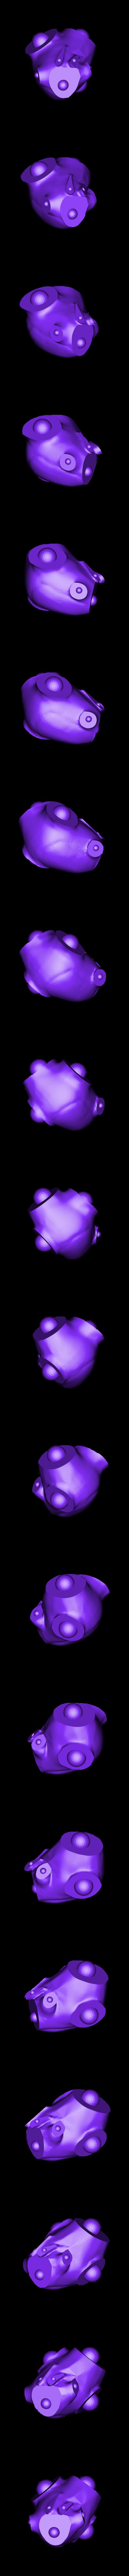 charizard_body.stl Download free STL file Charizard • 3D print model, KerberosFi